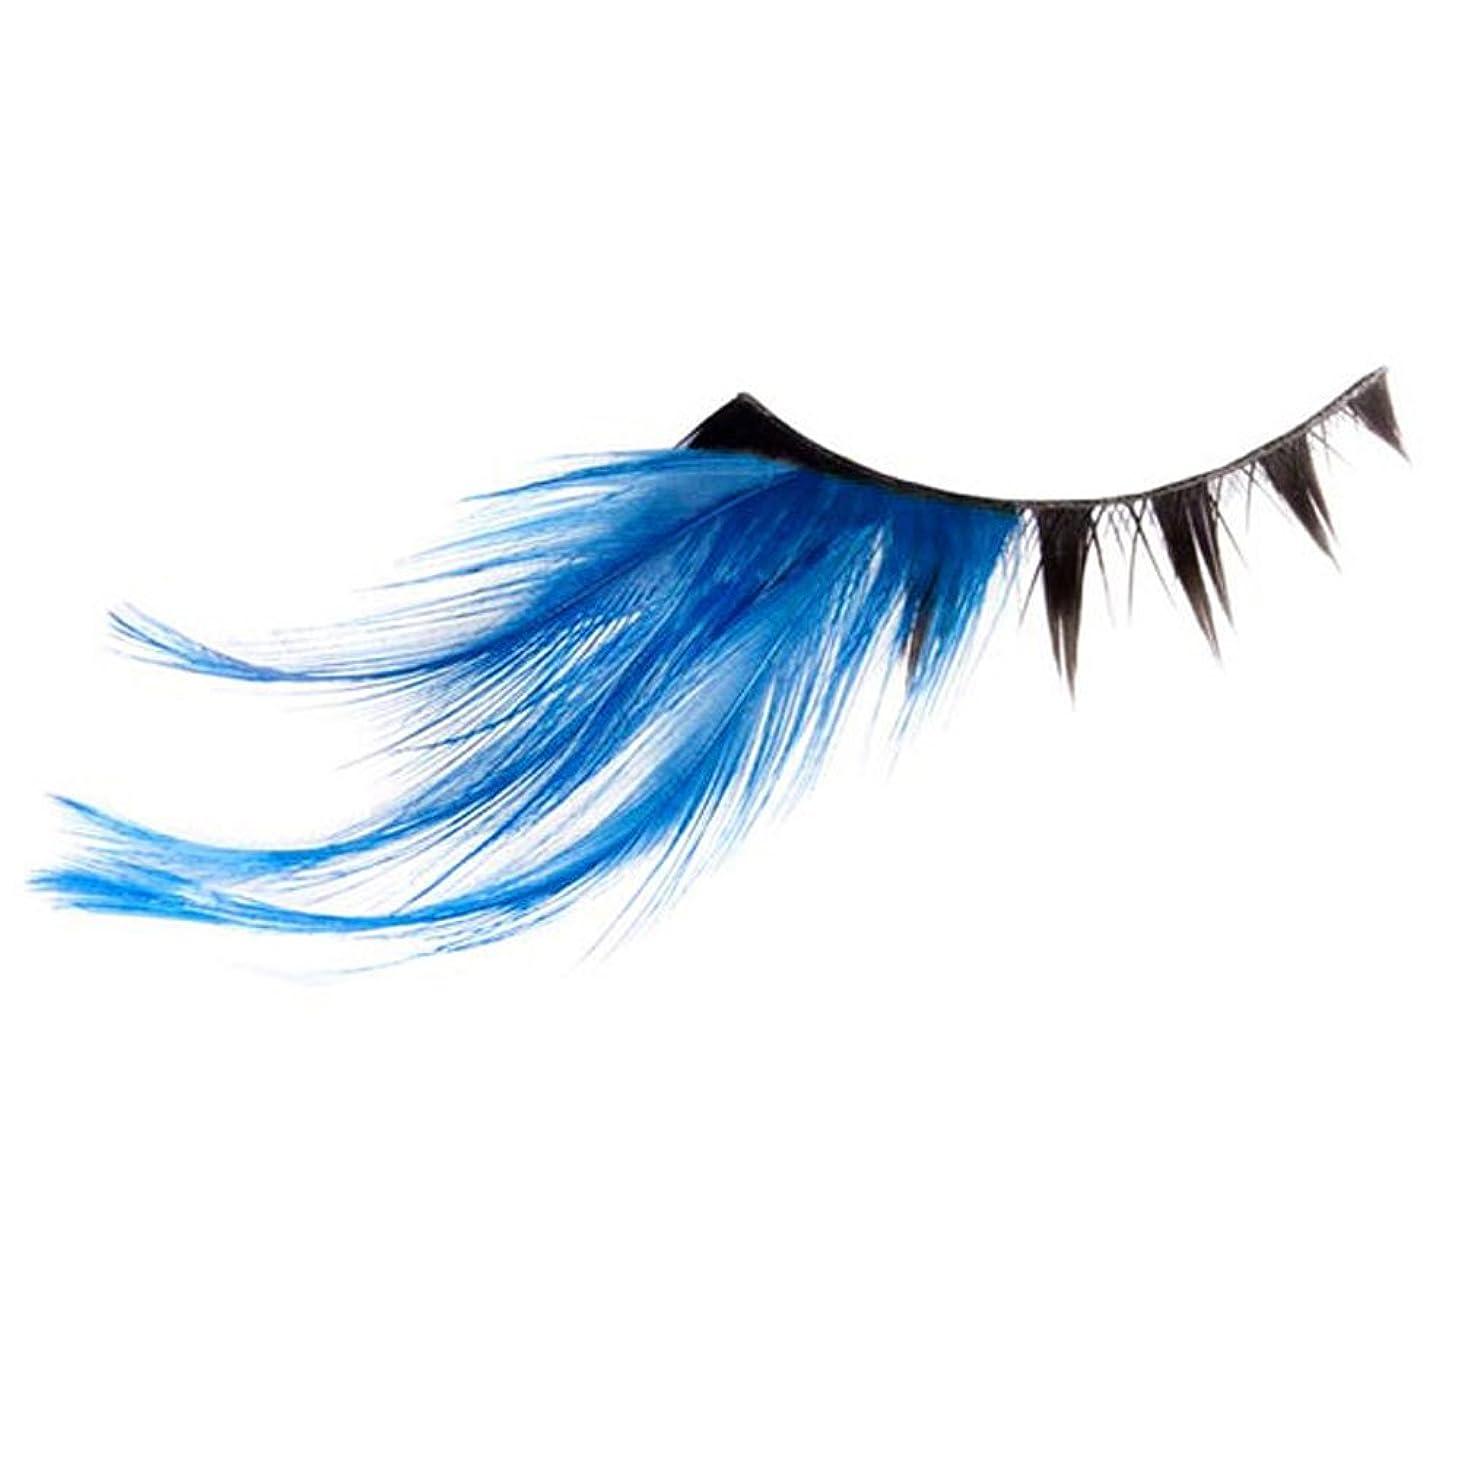 がんばり続ける資金気がついてつけまつげ 羽つき フェザー付き グラマラスラッシュ ピンク ブルー ブラック アメリカ輸入 (ブルー)